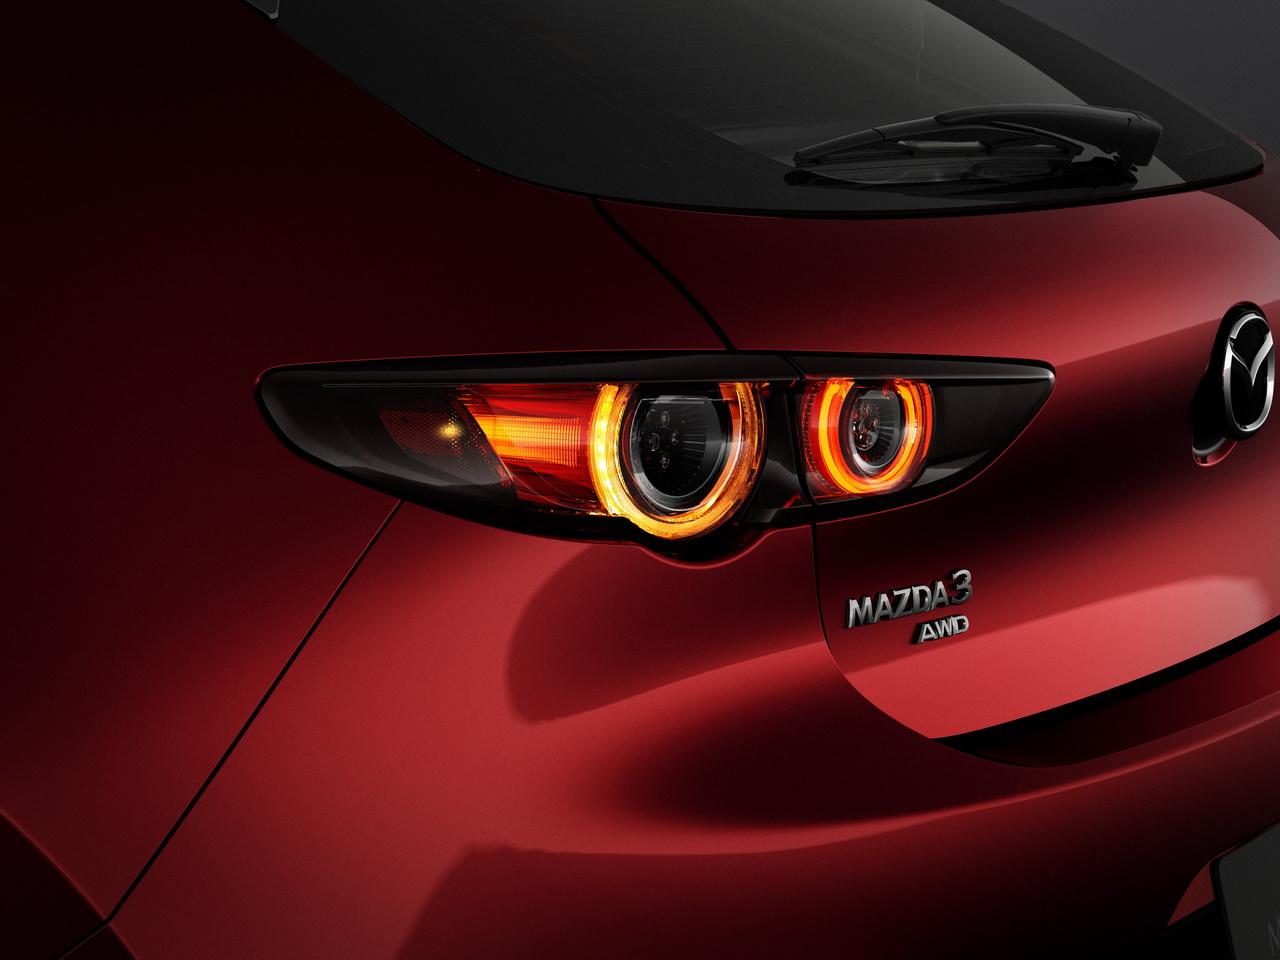 2018 - [Mazda] 3 IV - Page 11 07-mazda3-5hb-ext-7-redimensionner